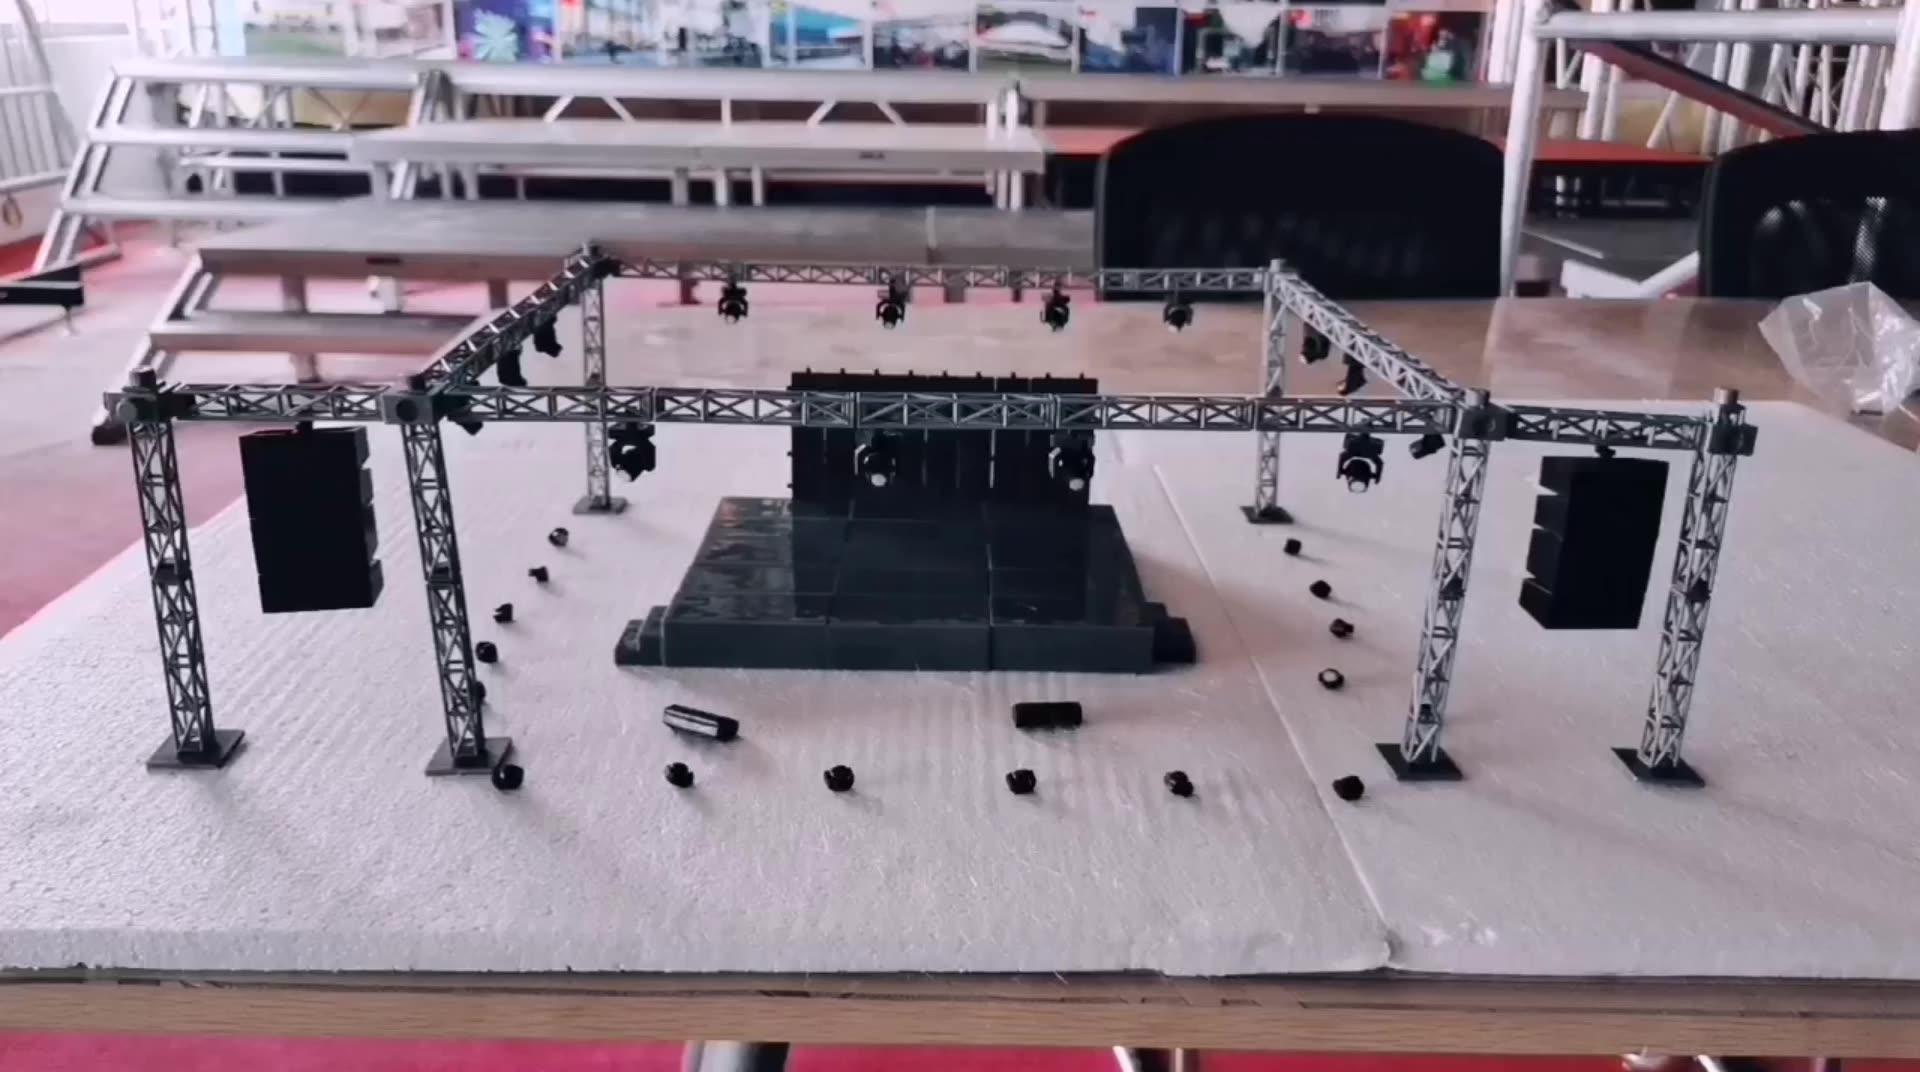 Standard Hülse Block 12-zoll Heißer Verkauf Einfach Demontage Und Transport Platz Box Truss Boden Unterstützung